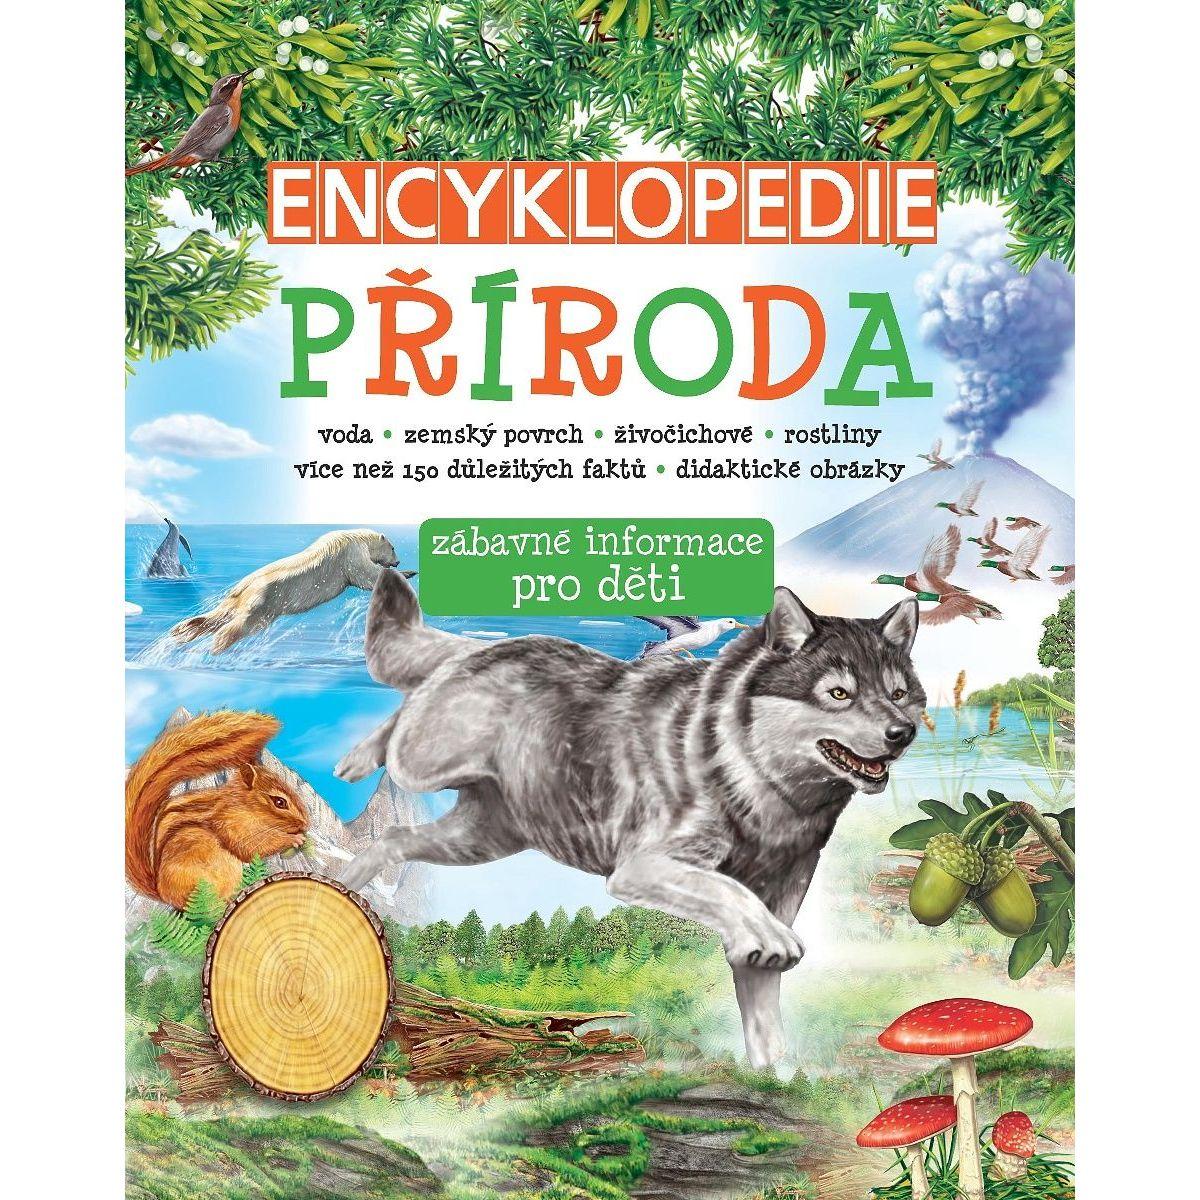 Encyklopédia Príroda